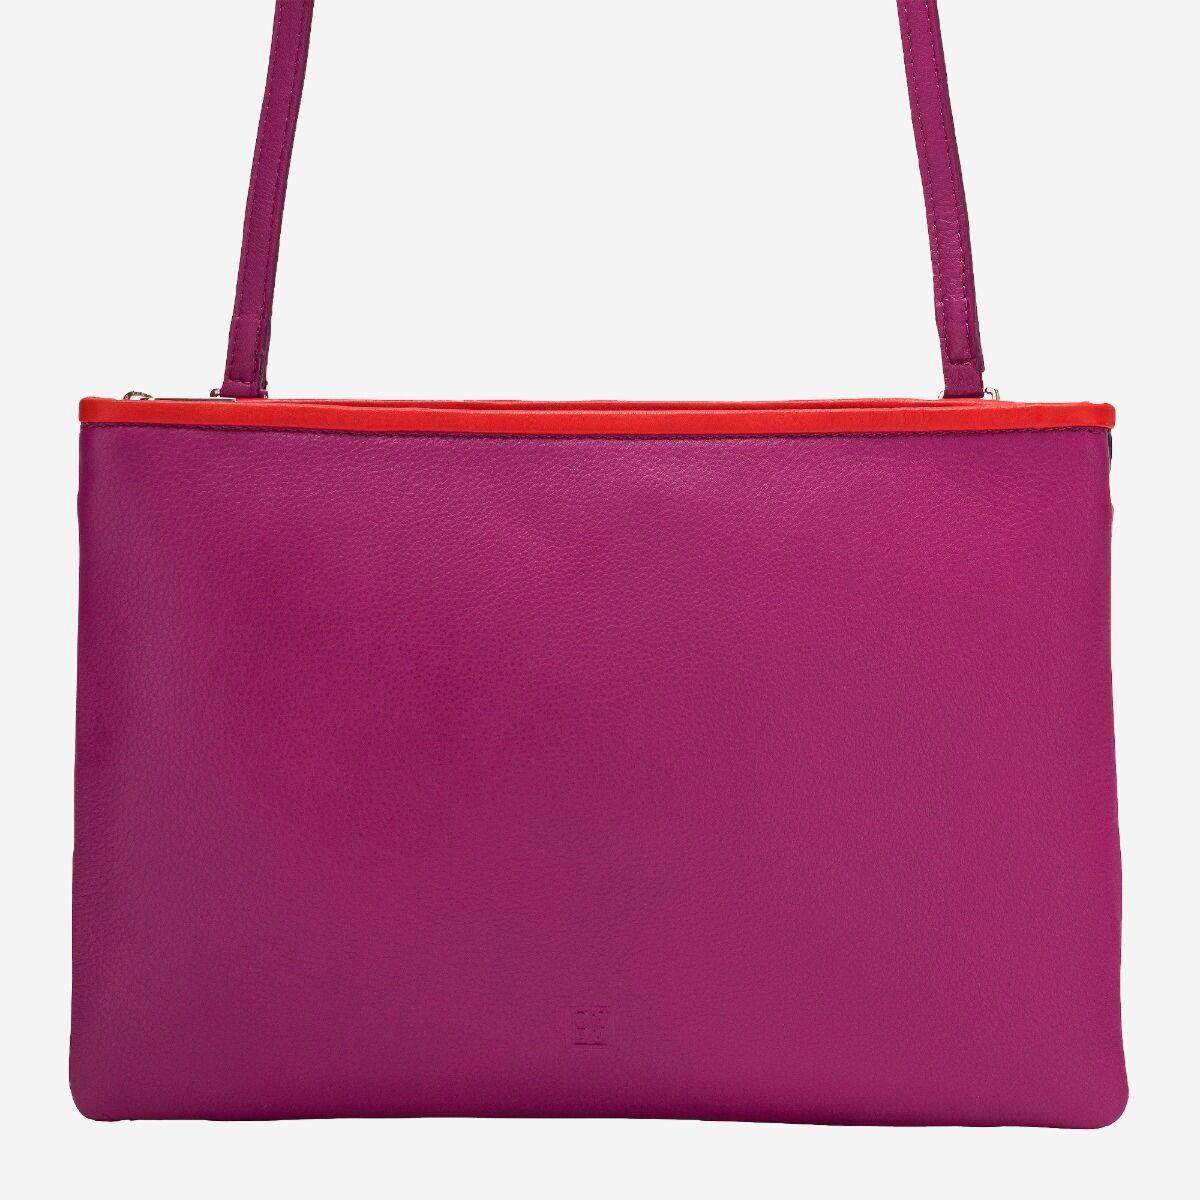 borsa da donna pelle con tracolla